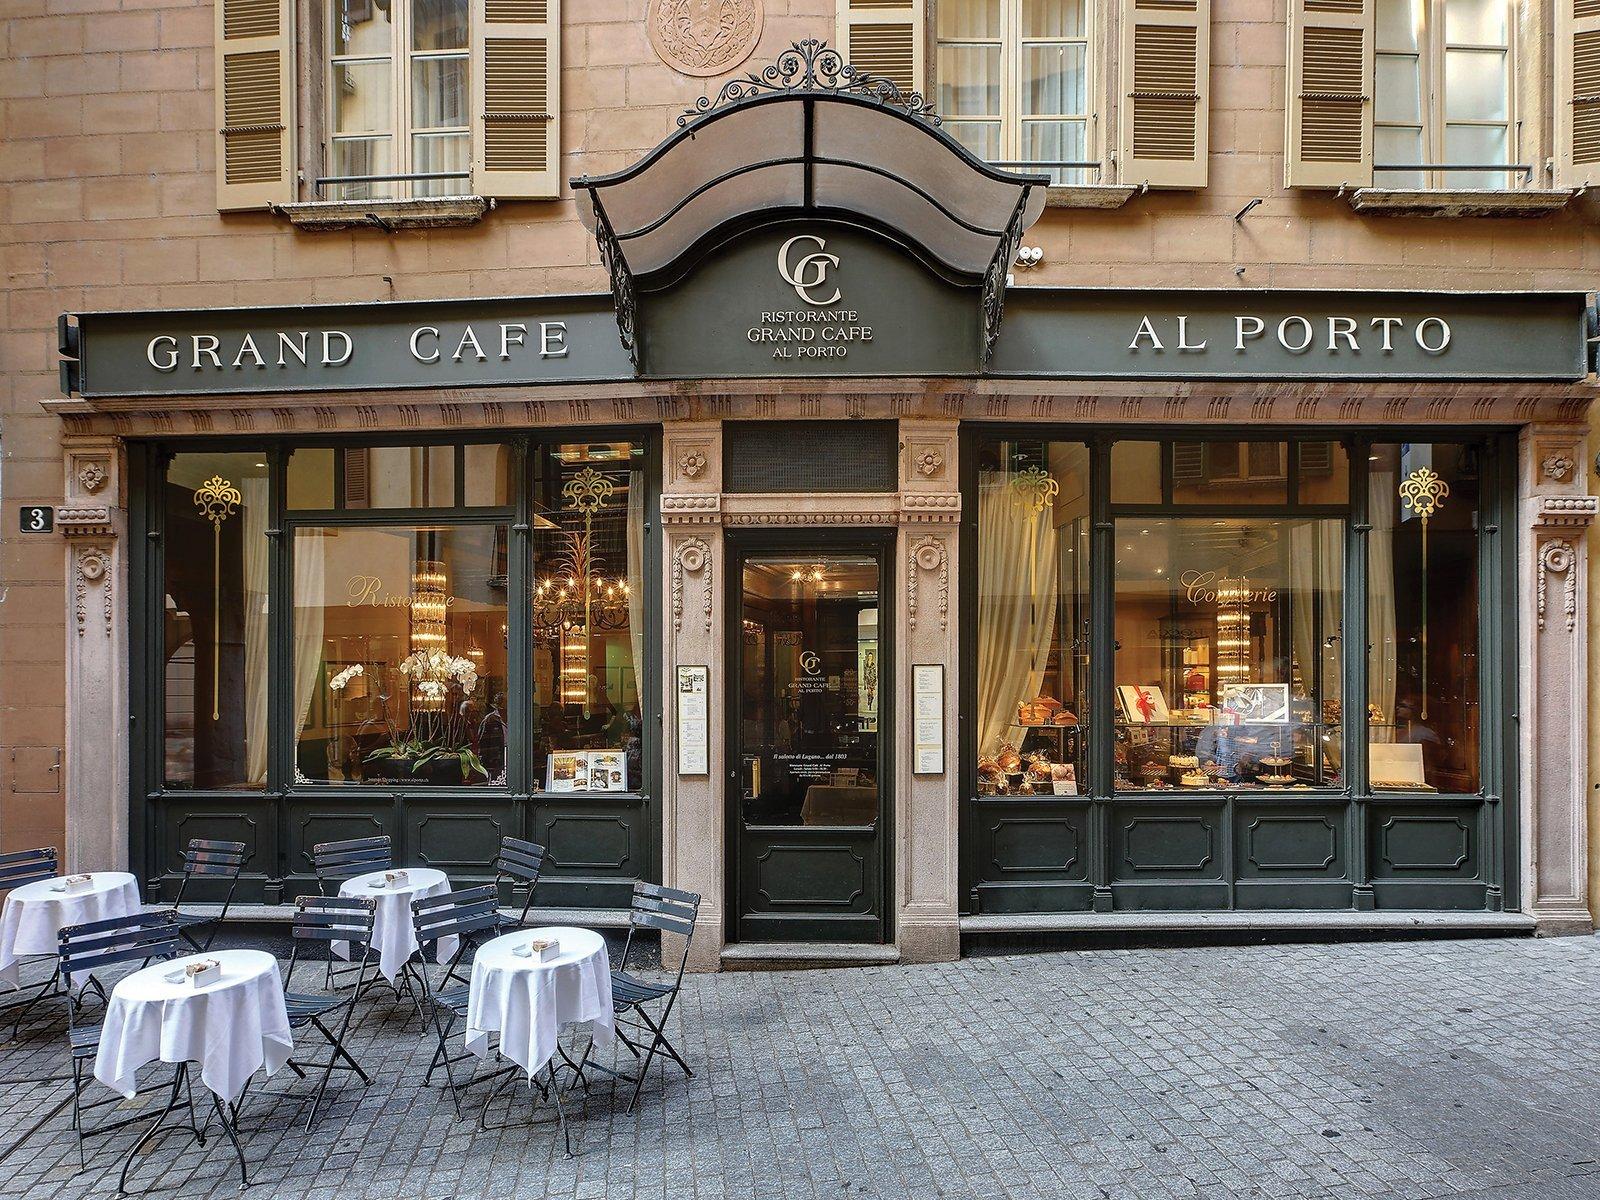 La storica facciata del Grand Cafè Al Porto